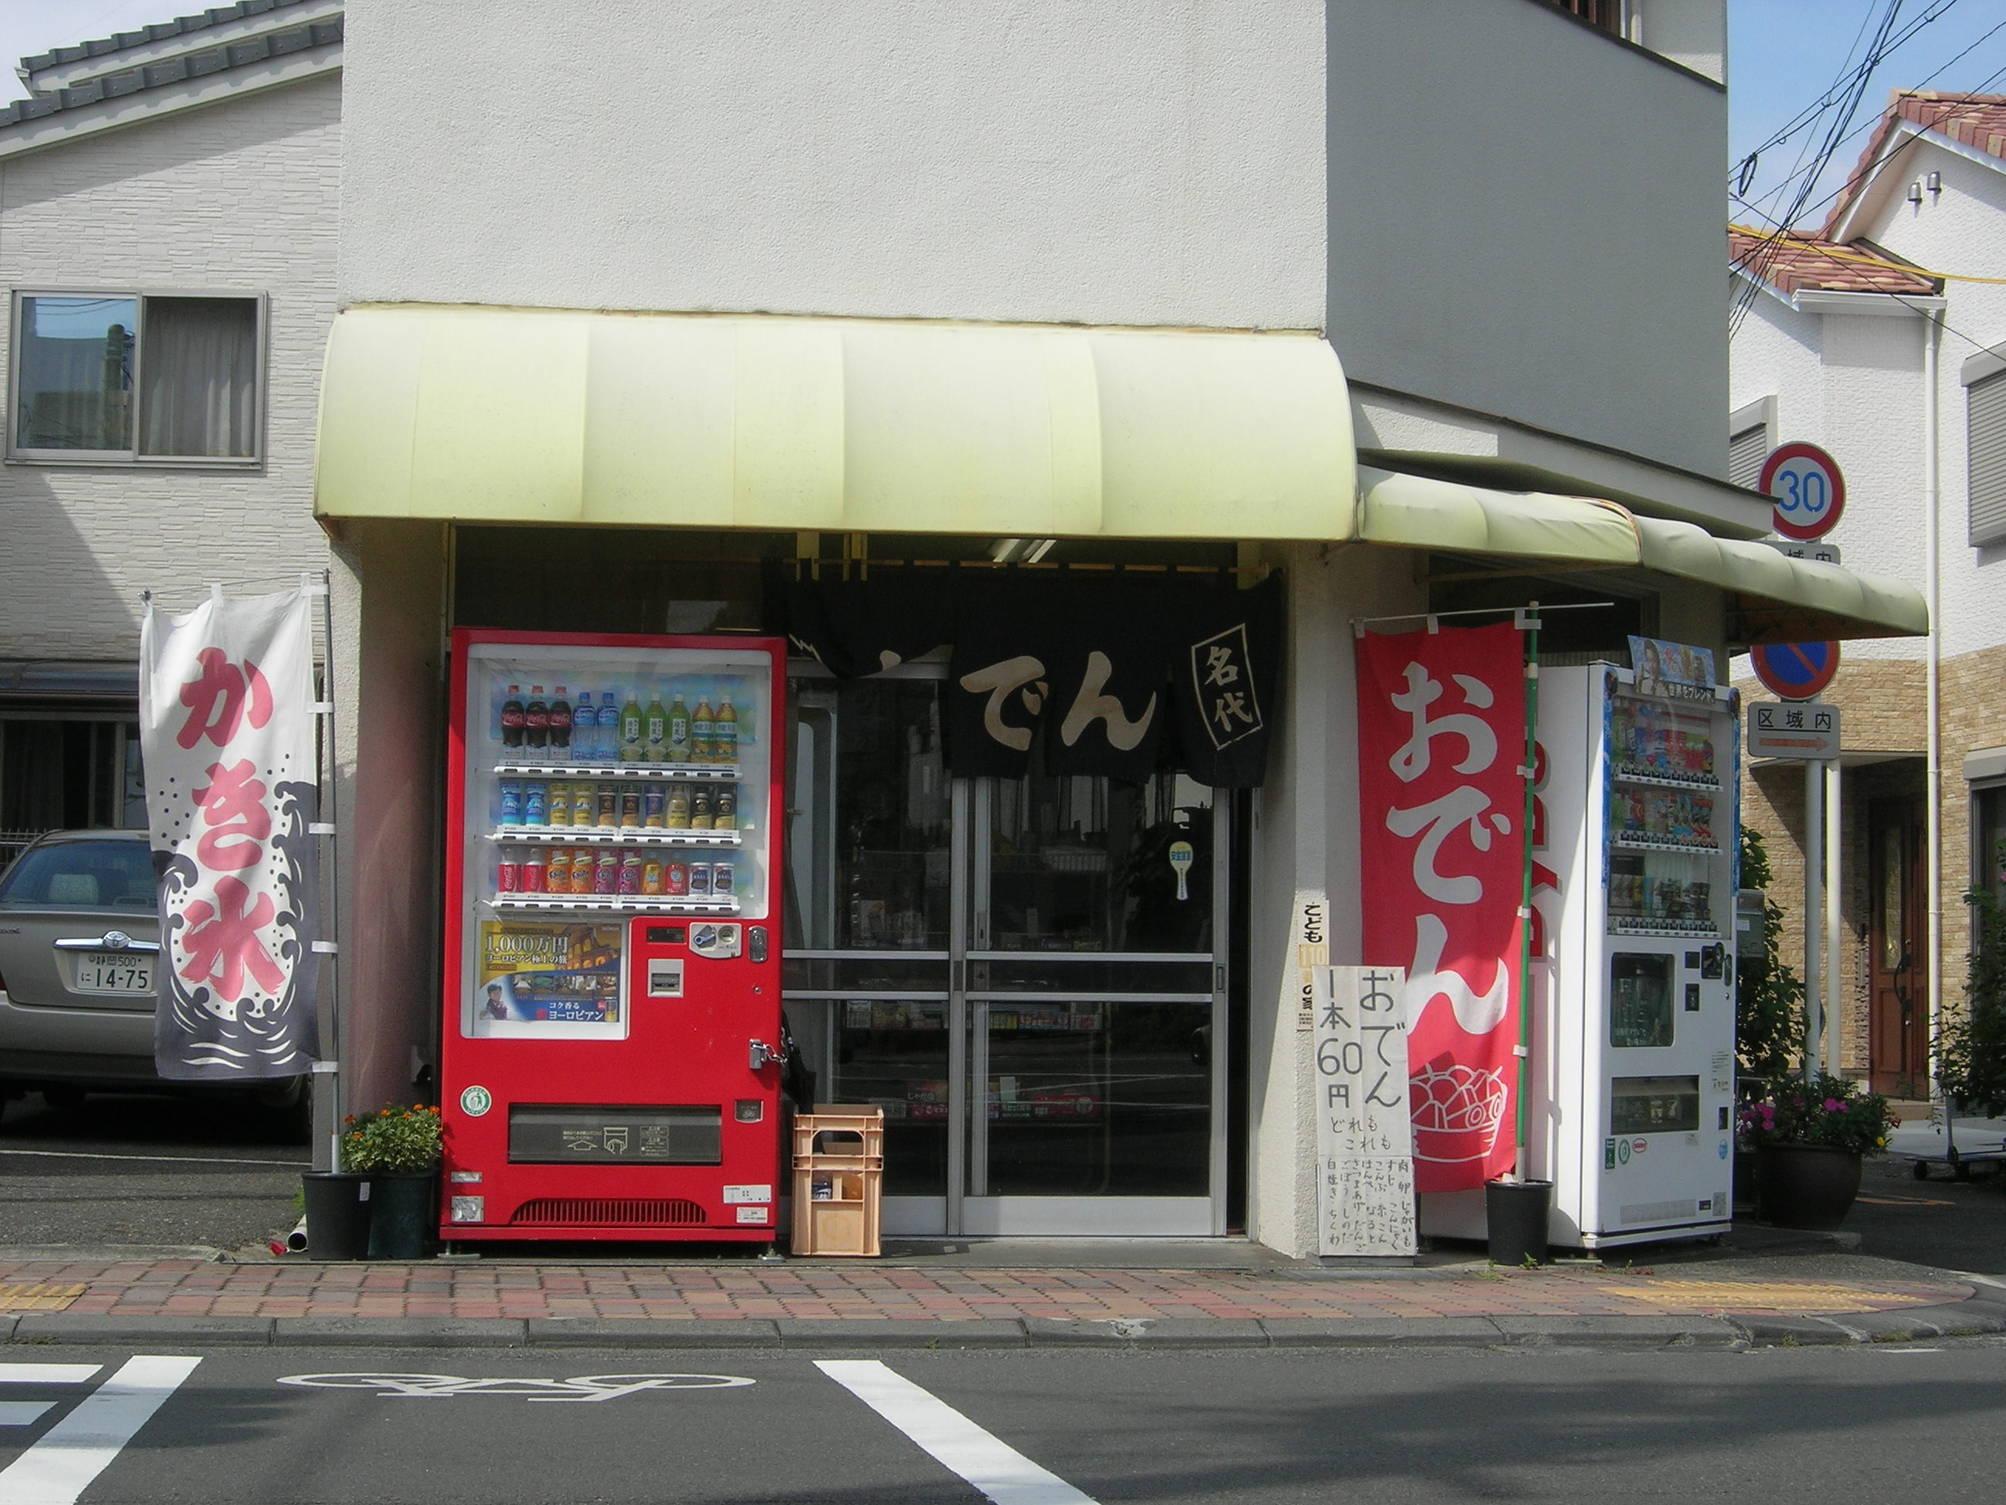 かどや滝浪商店 name=